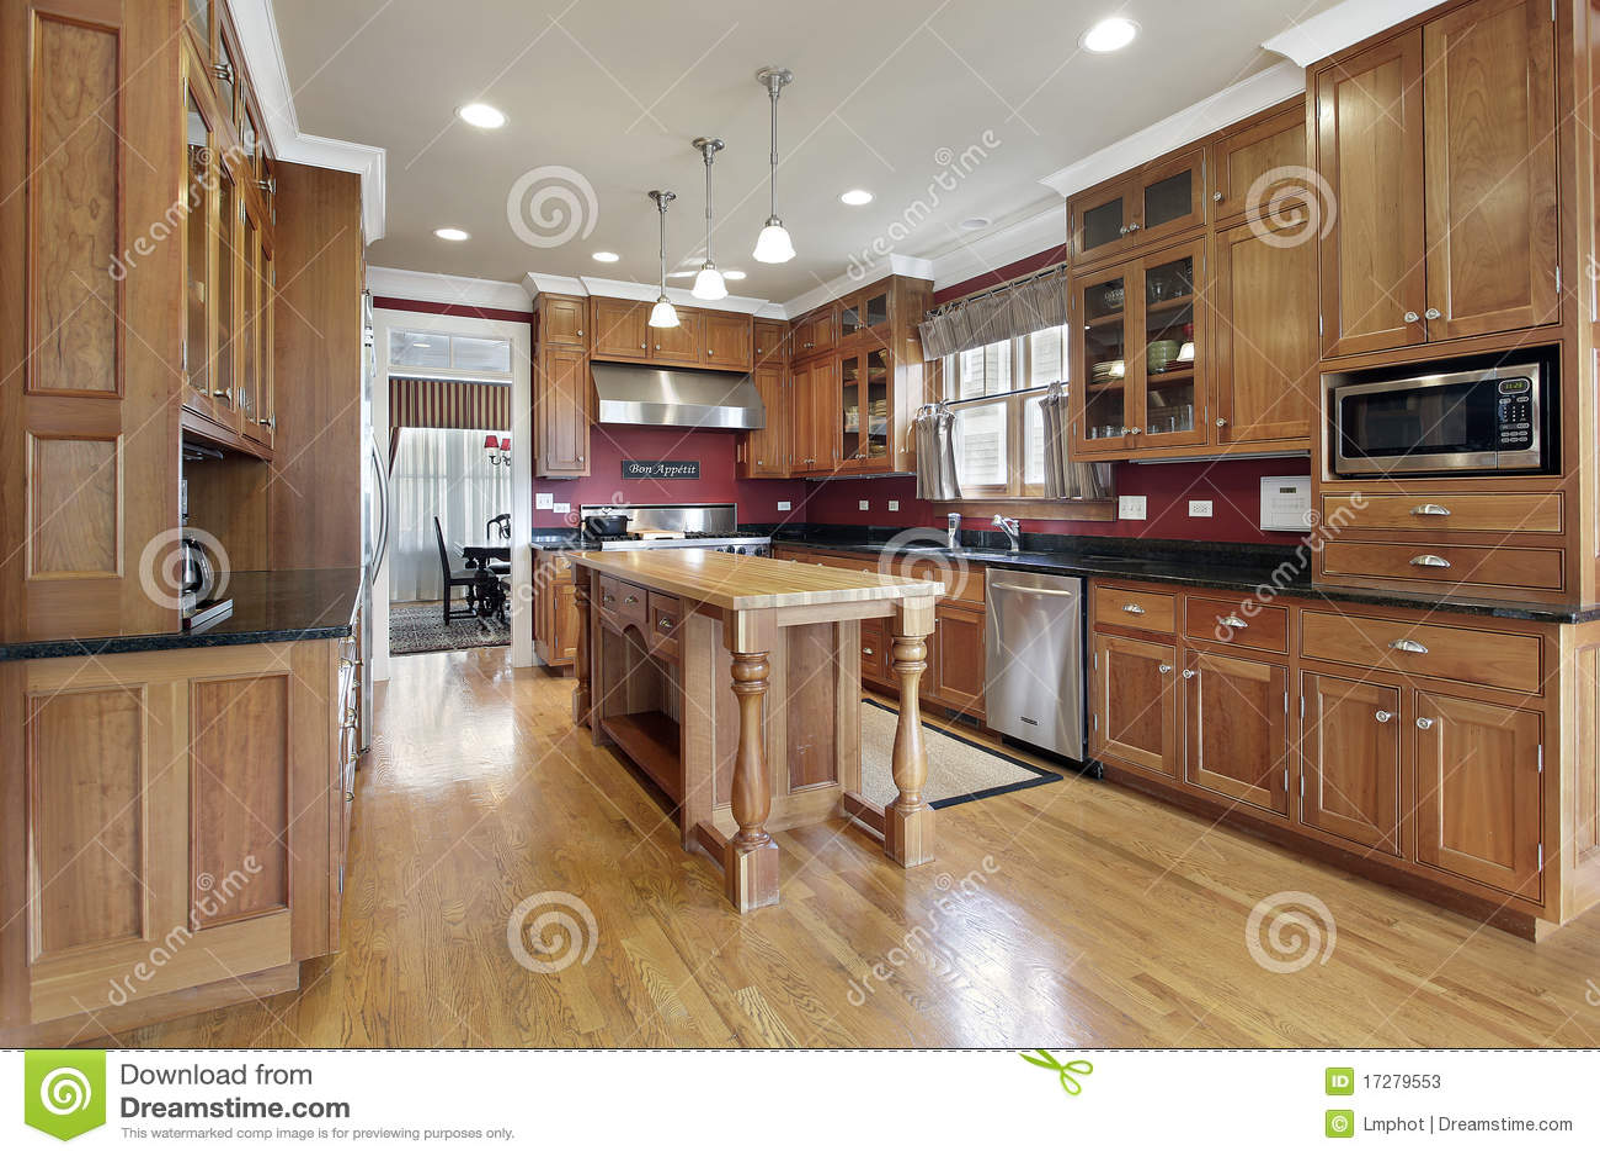 in stock kitchens dolphin kitchen accessories 海岛厨房木头库存图片 图片包括有正餐 庄园 灌肠器 椅子 机柜 海岛厨房木头